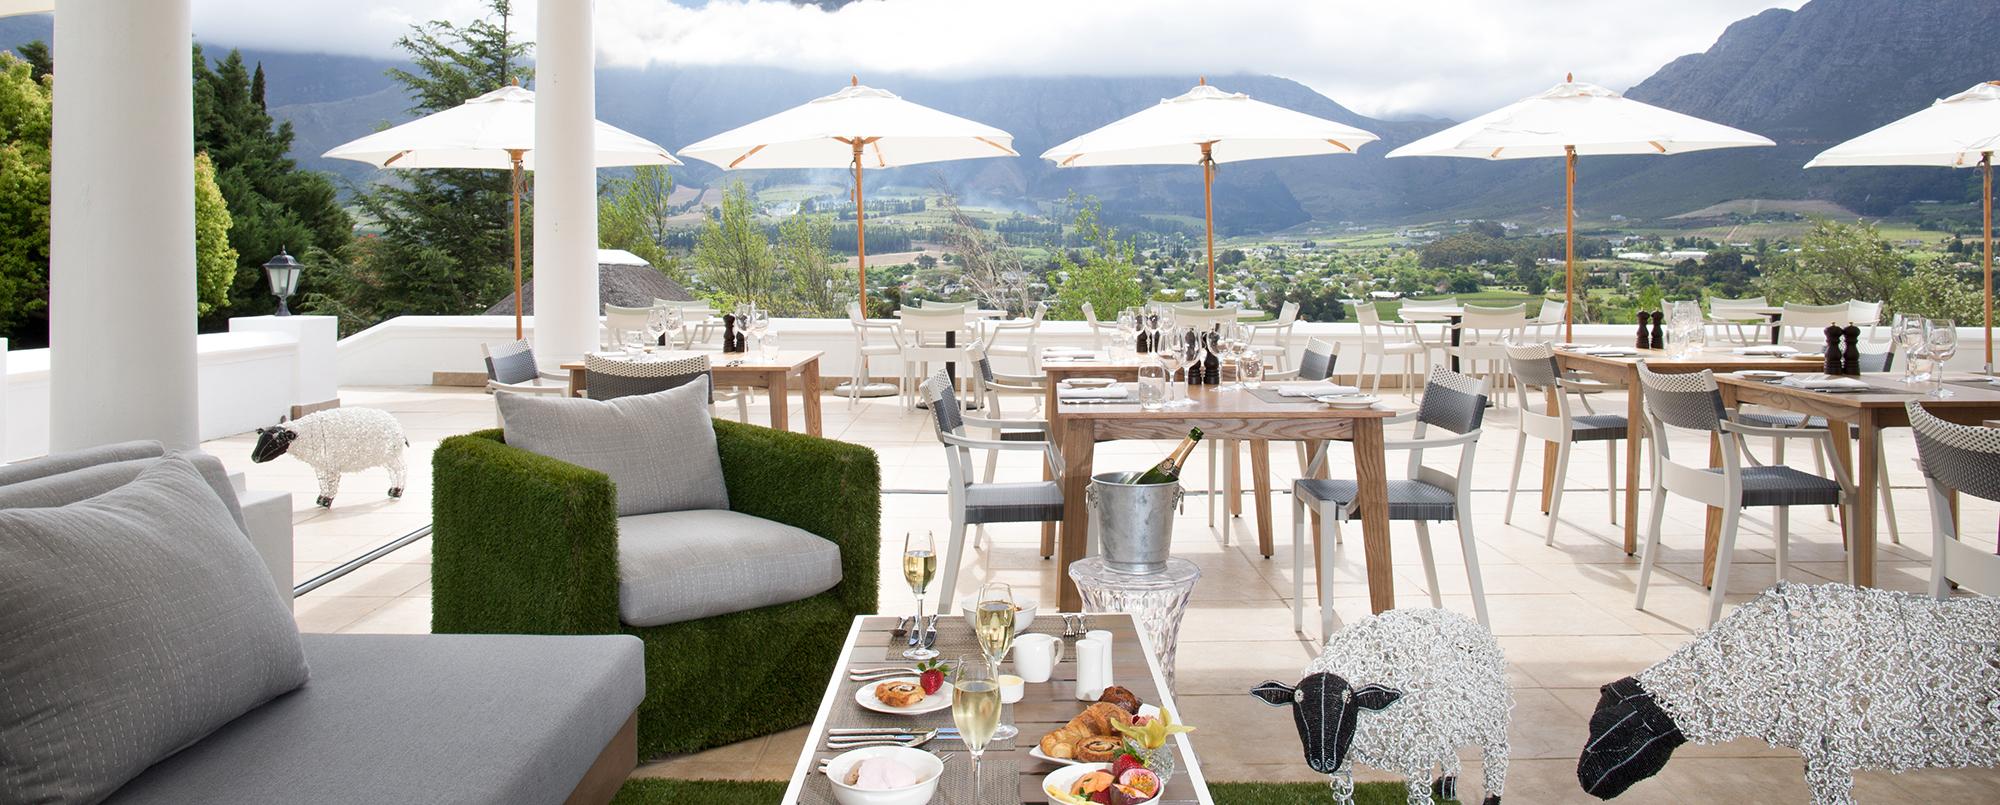 mont-rochelle-miko-restaurant-terrace